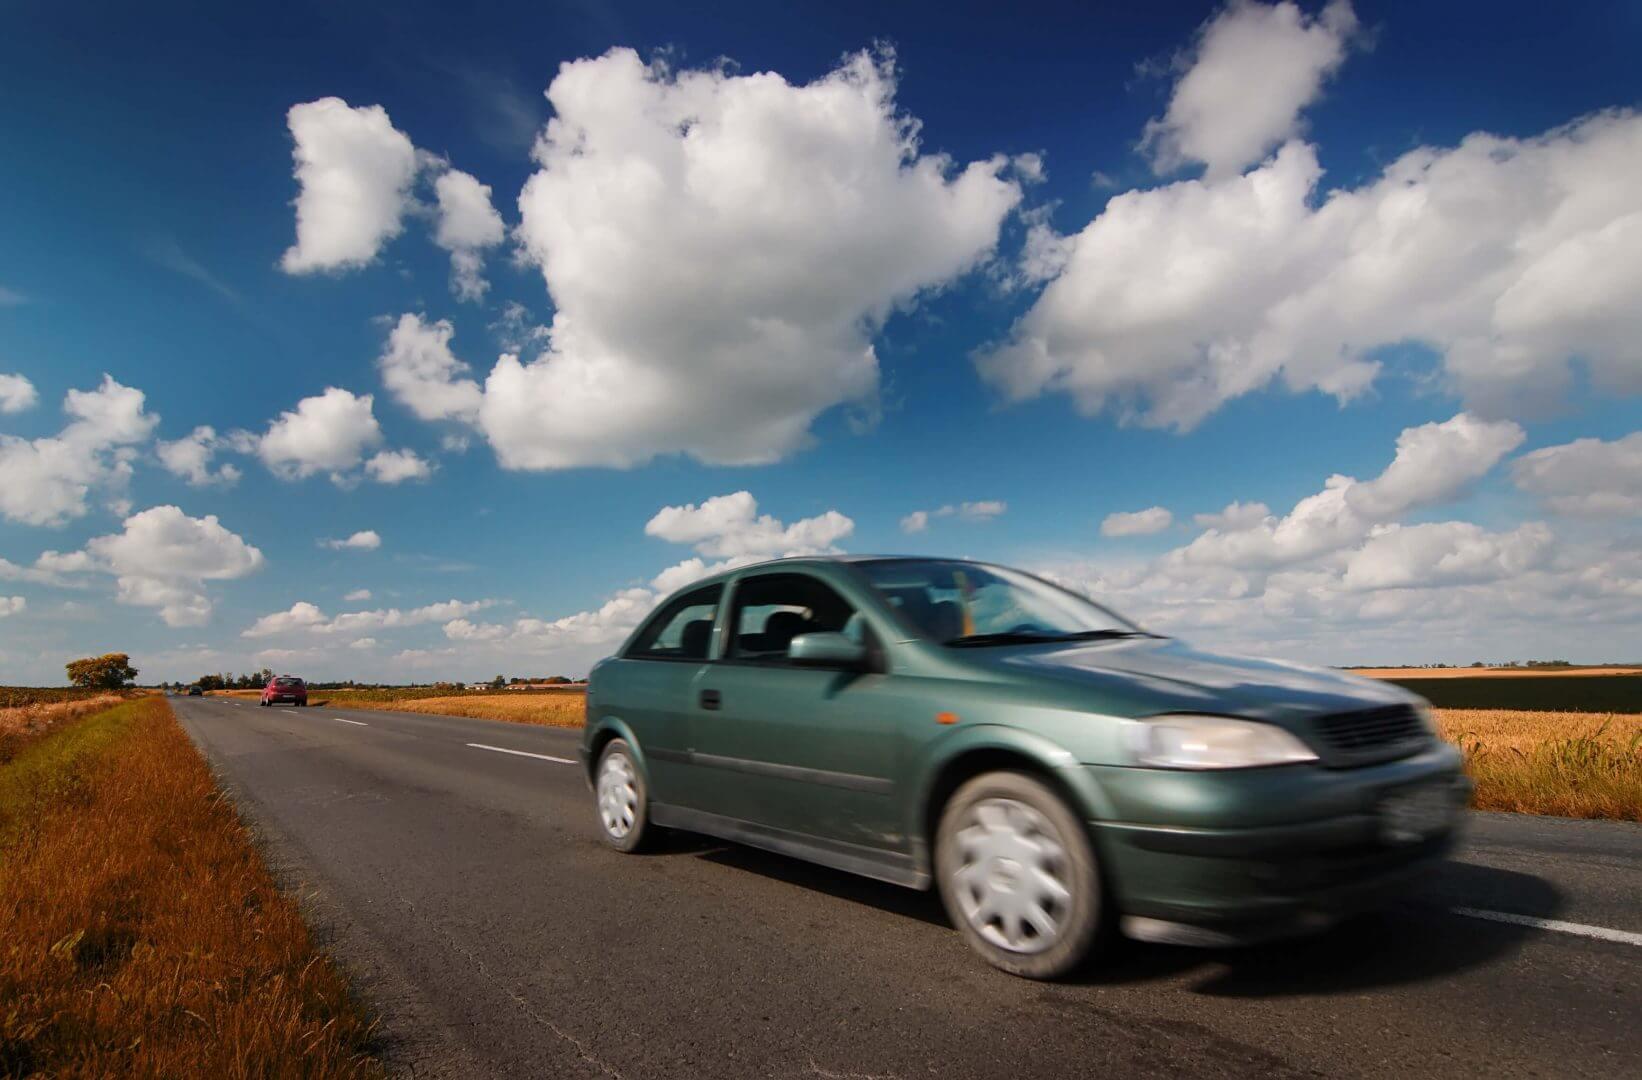 AC dla starego samochodu – kiedy tak, a kiedy nie?